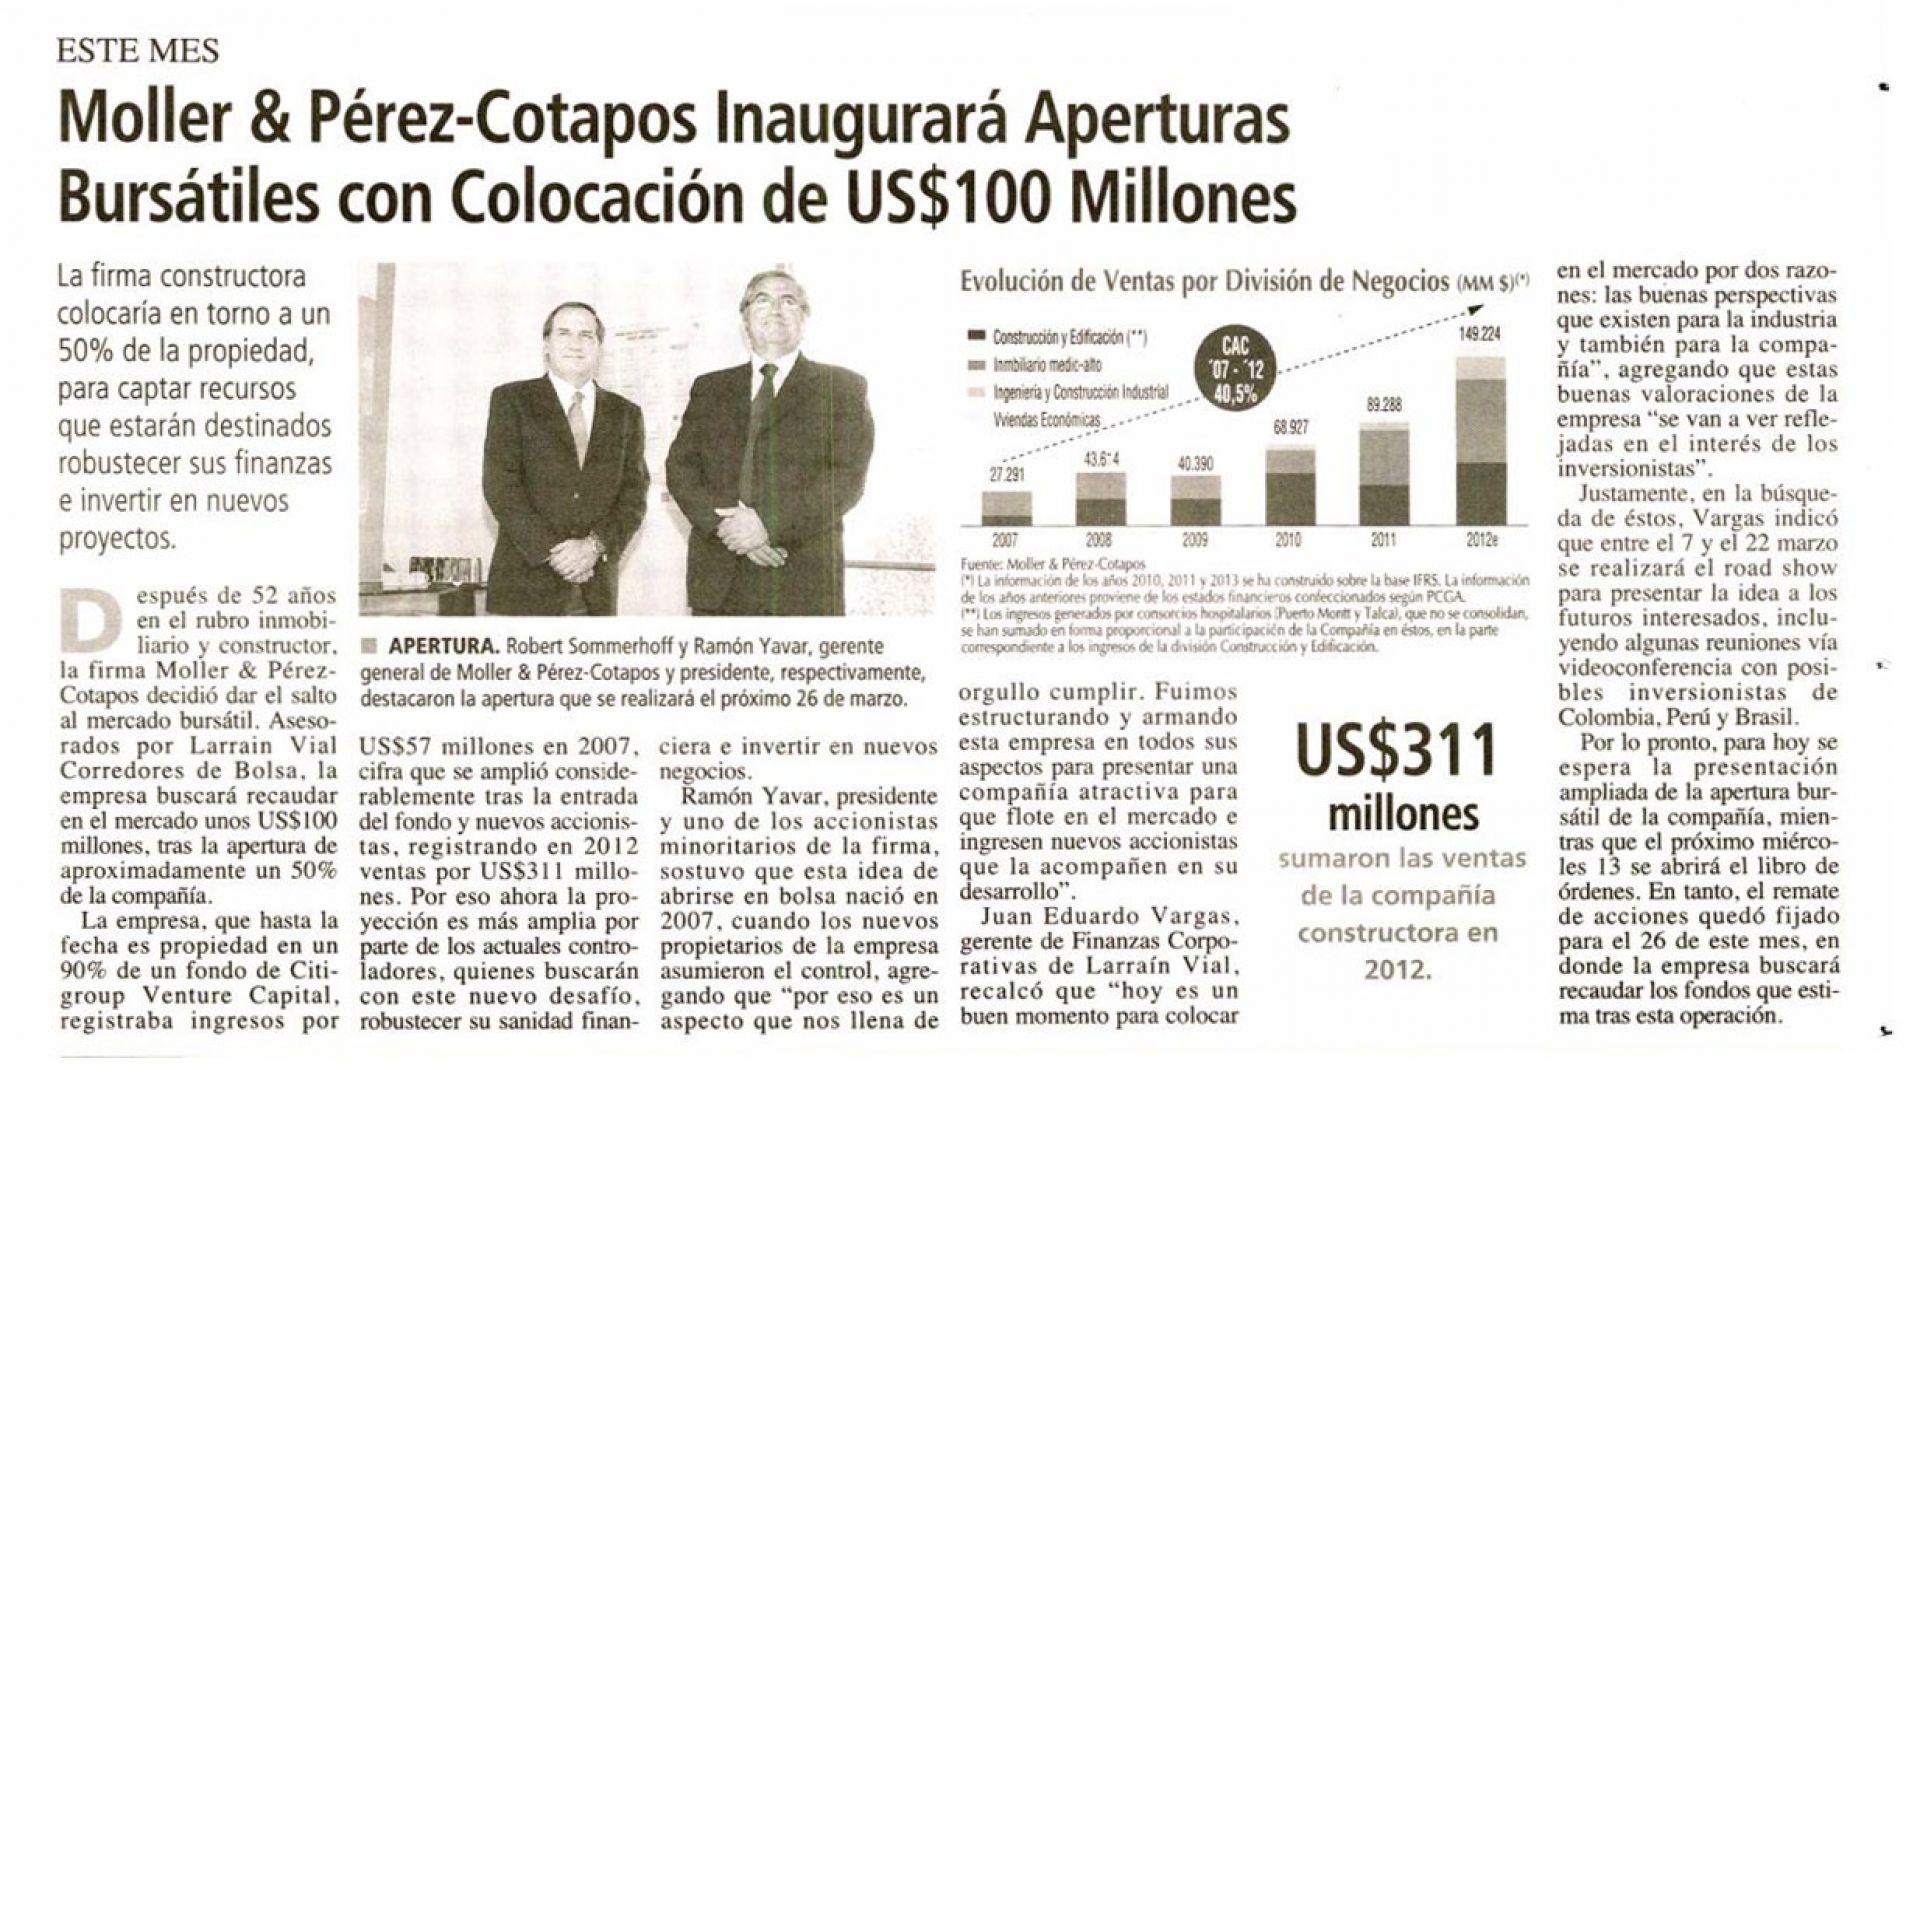 Moller y Pérez - Cotapos inaugurará aperturas bursátiles con colocación de US$100 millones